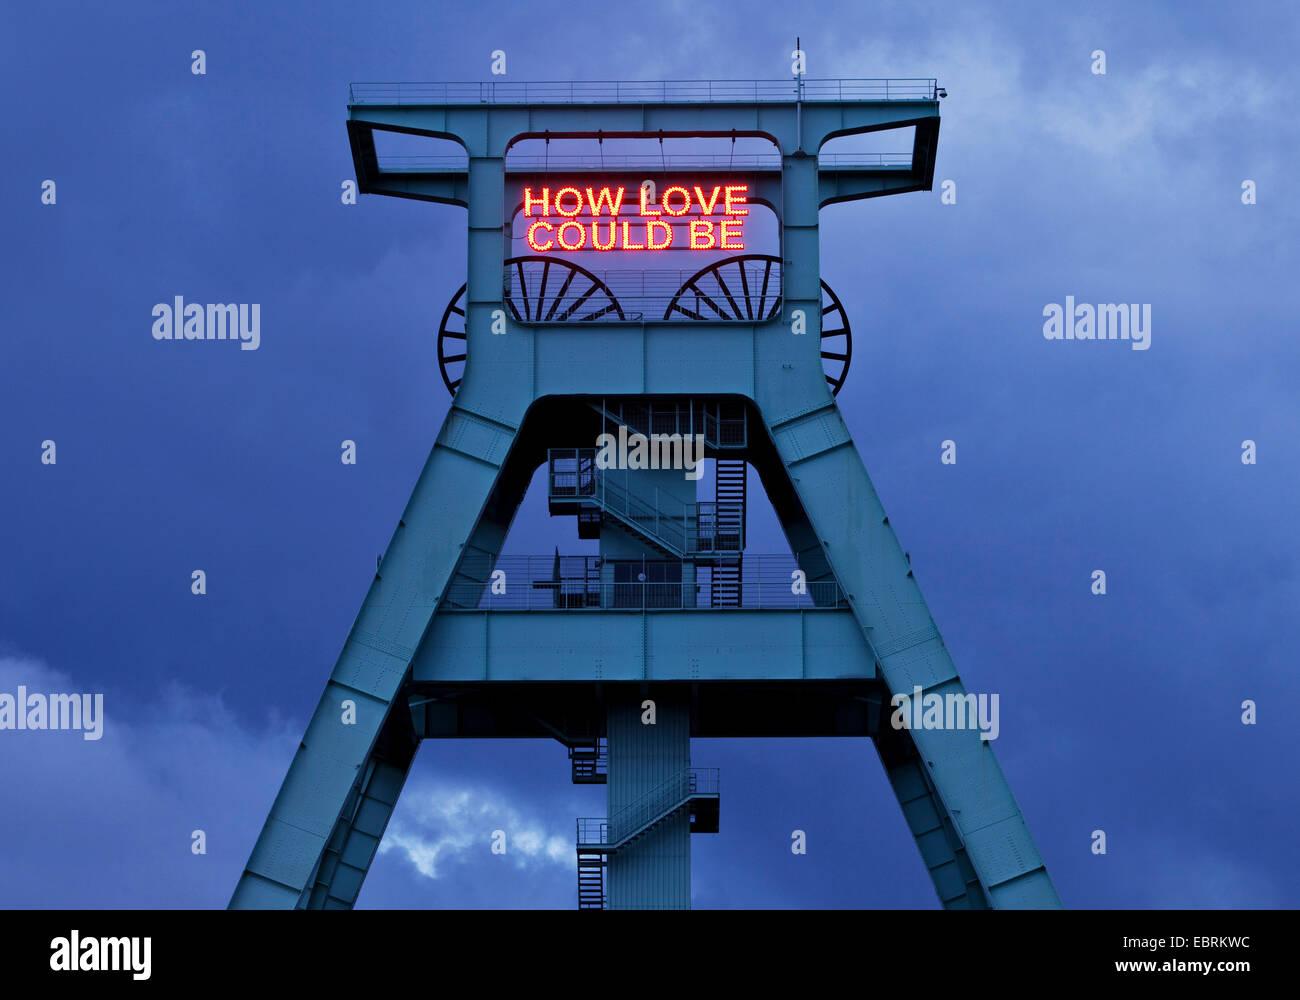 Beleuchtung wie Liebe sein könnte auf den Förderturm des deutschen Bergbau-Museum, Bochum, Ruhrgebiet, Stockbild